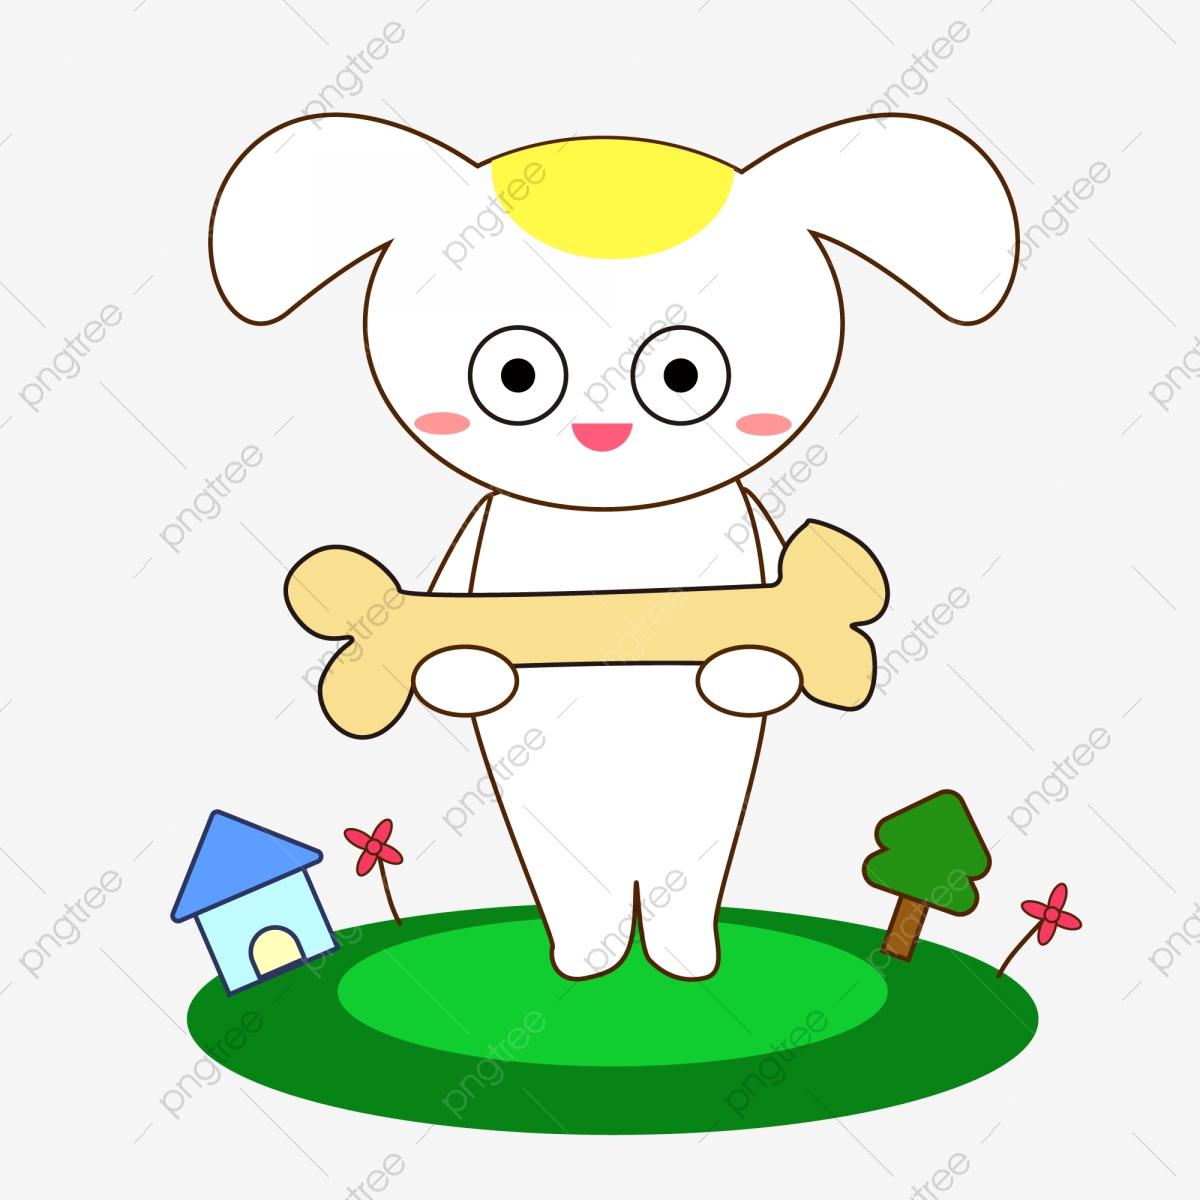 صورة صور حيوانات كرتونيه , رسومات كرتونية للحيوانات